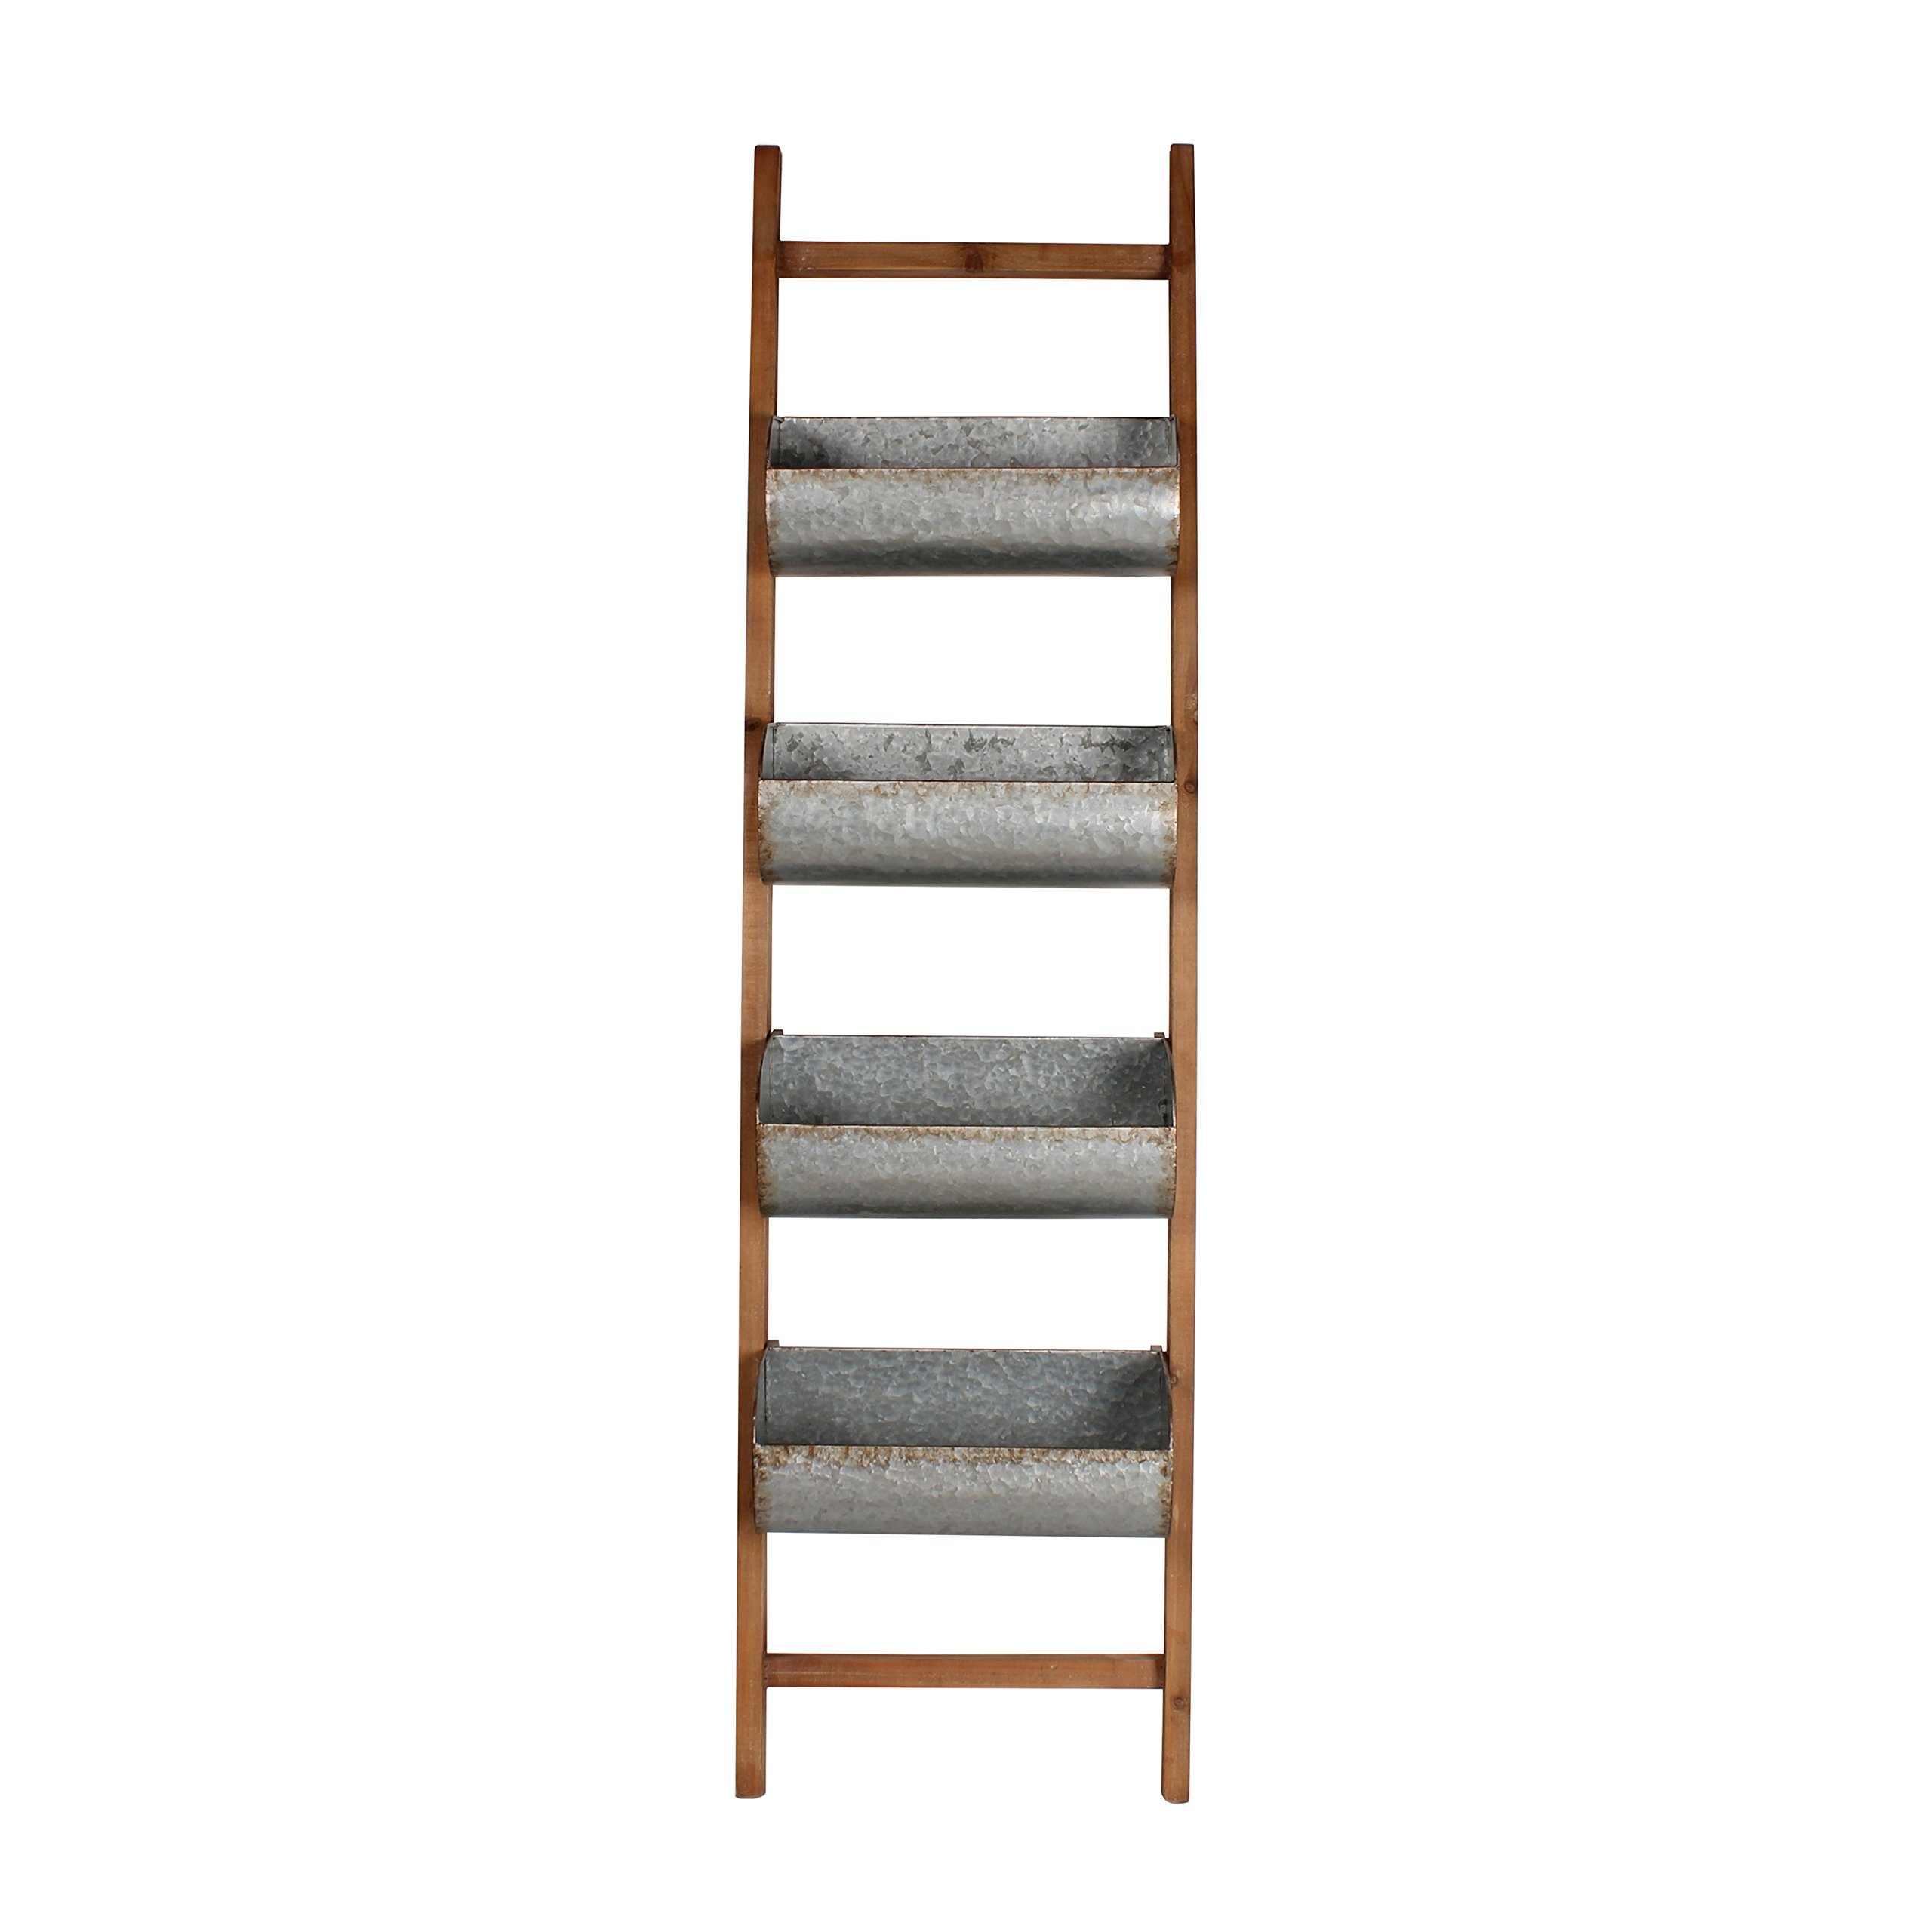 Kate and Laurel Pothos Wood and Metal Leaner Storage Bin Ladder, Rustic Brown by Kate and Laurel